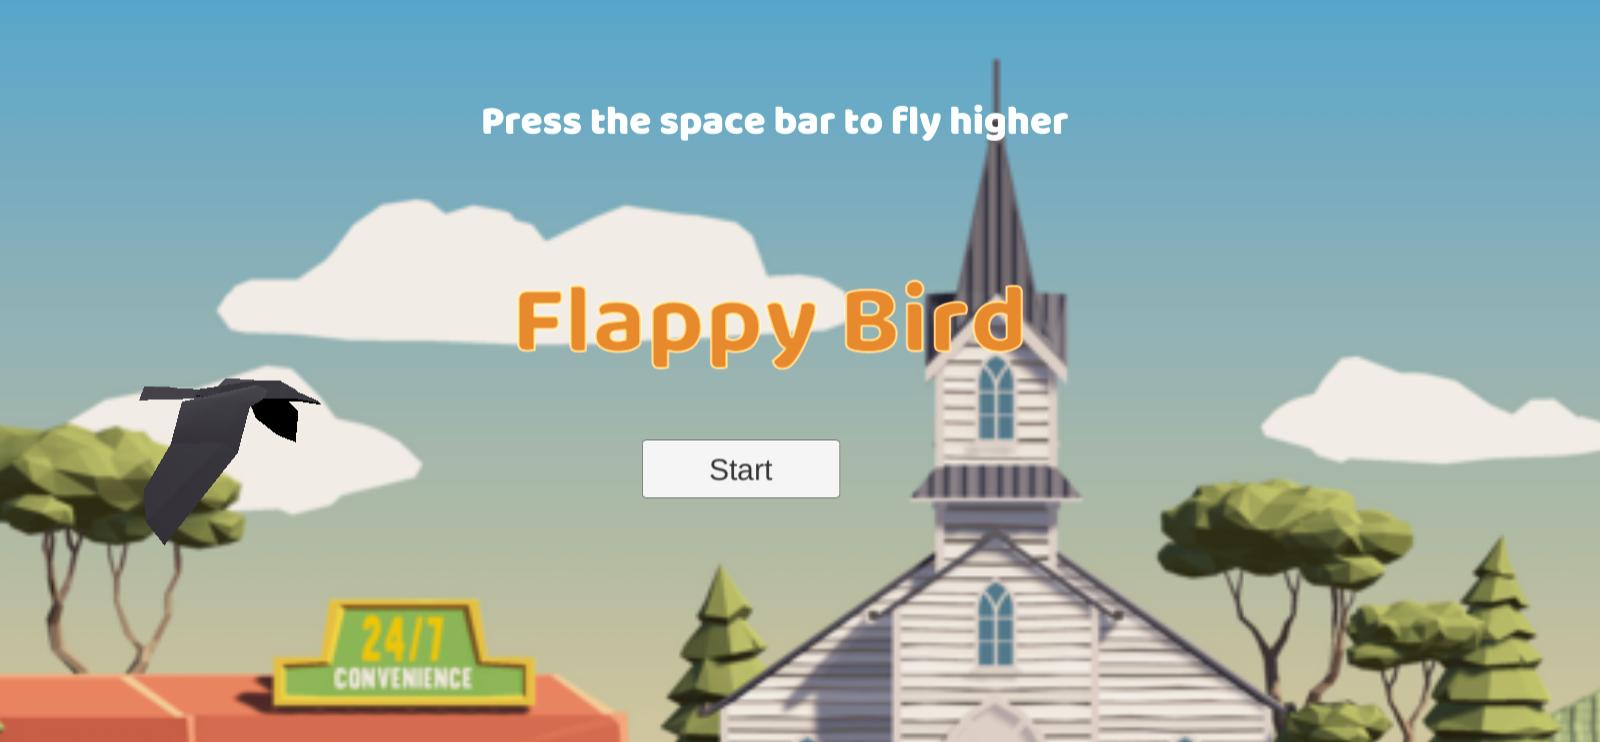 Flappy Bird in 3D!